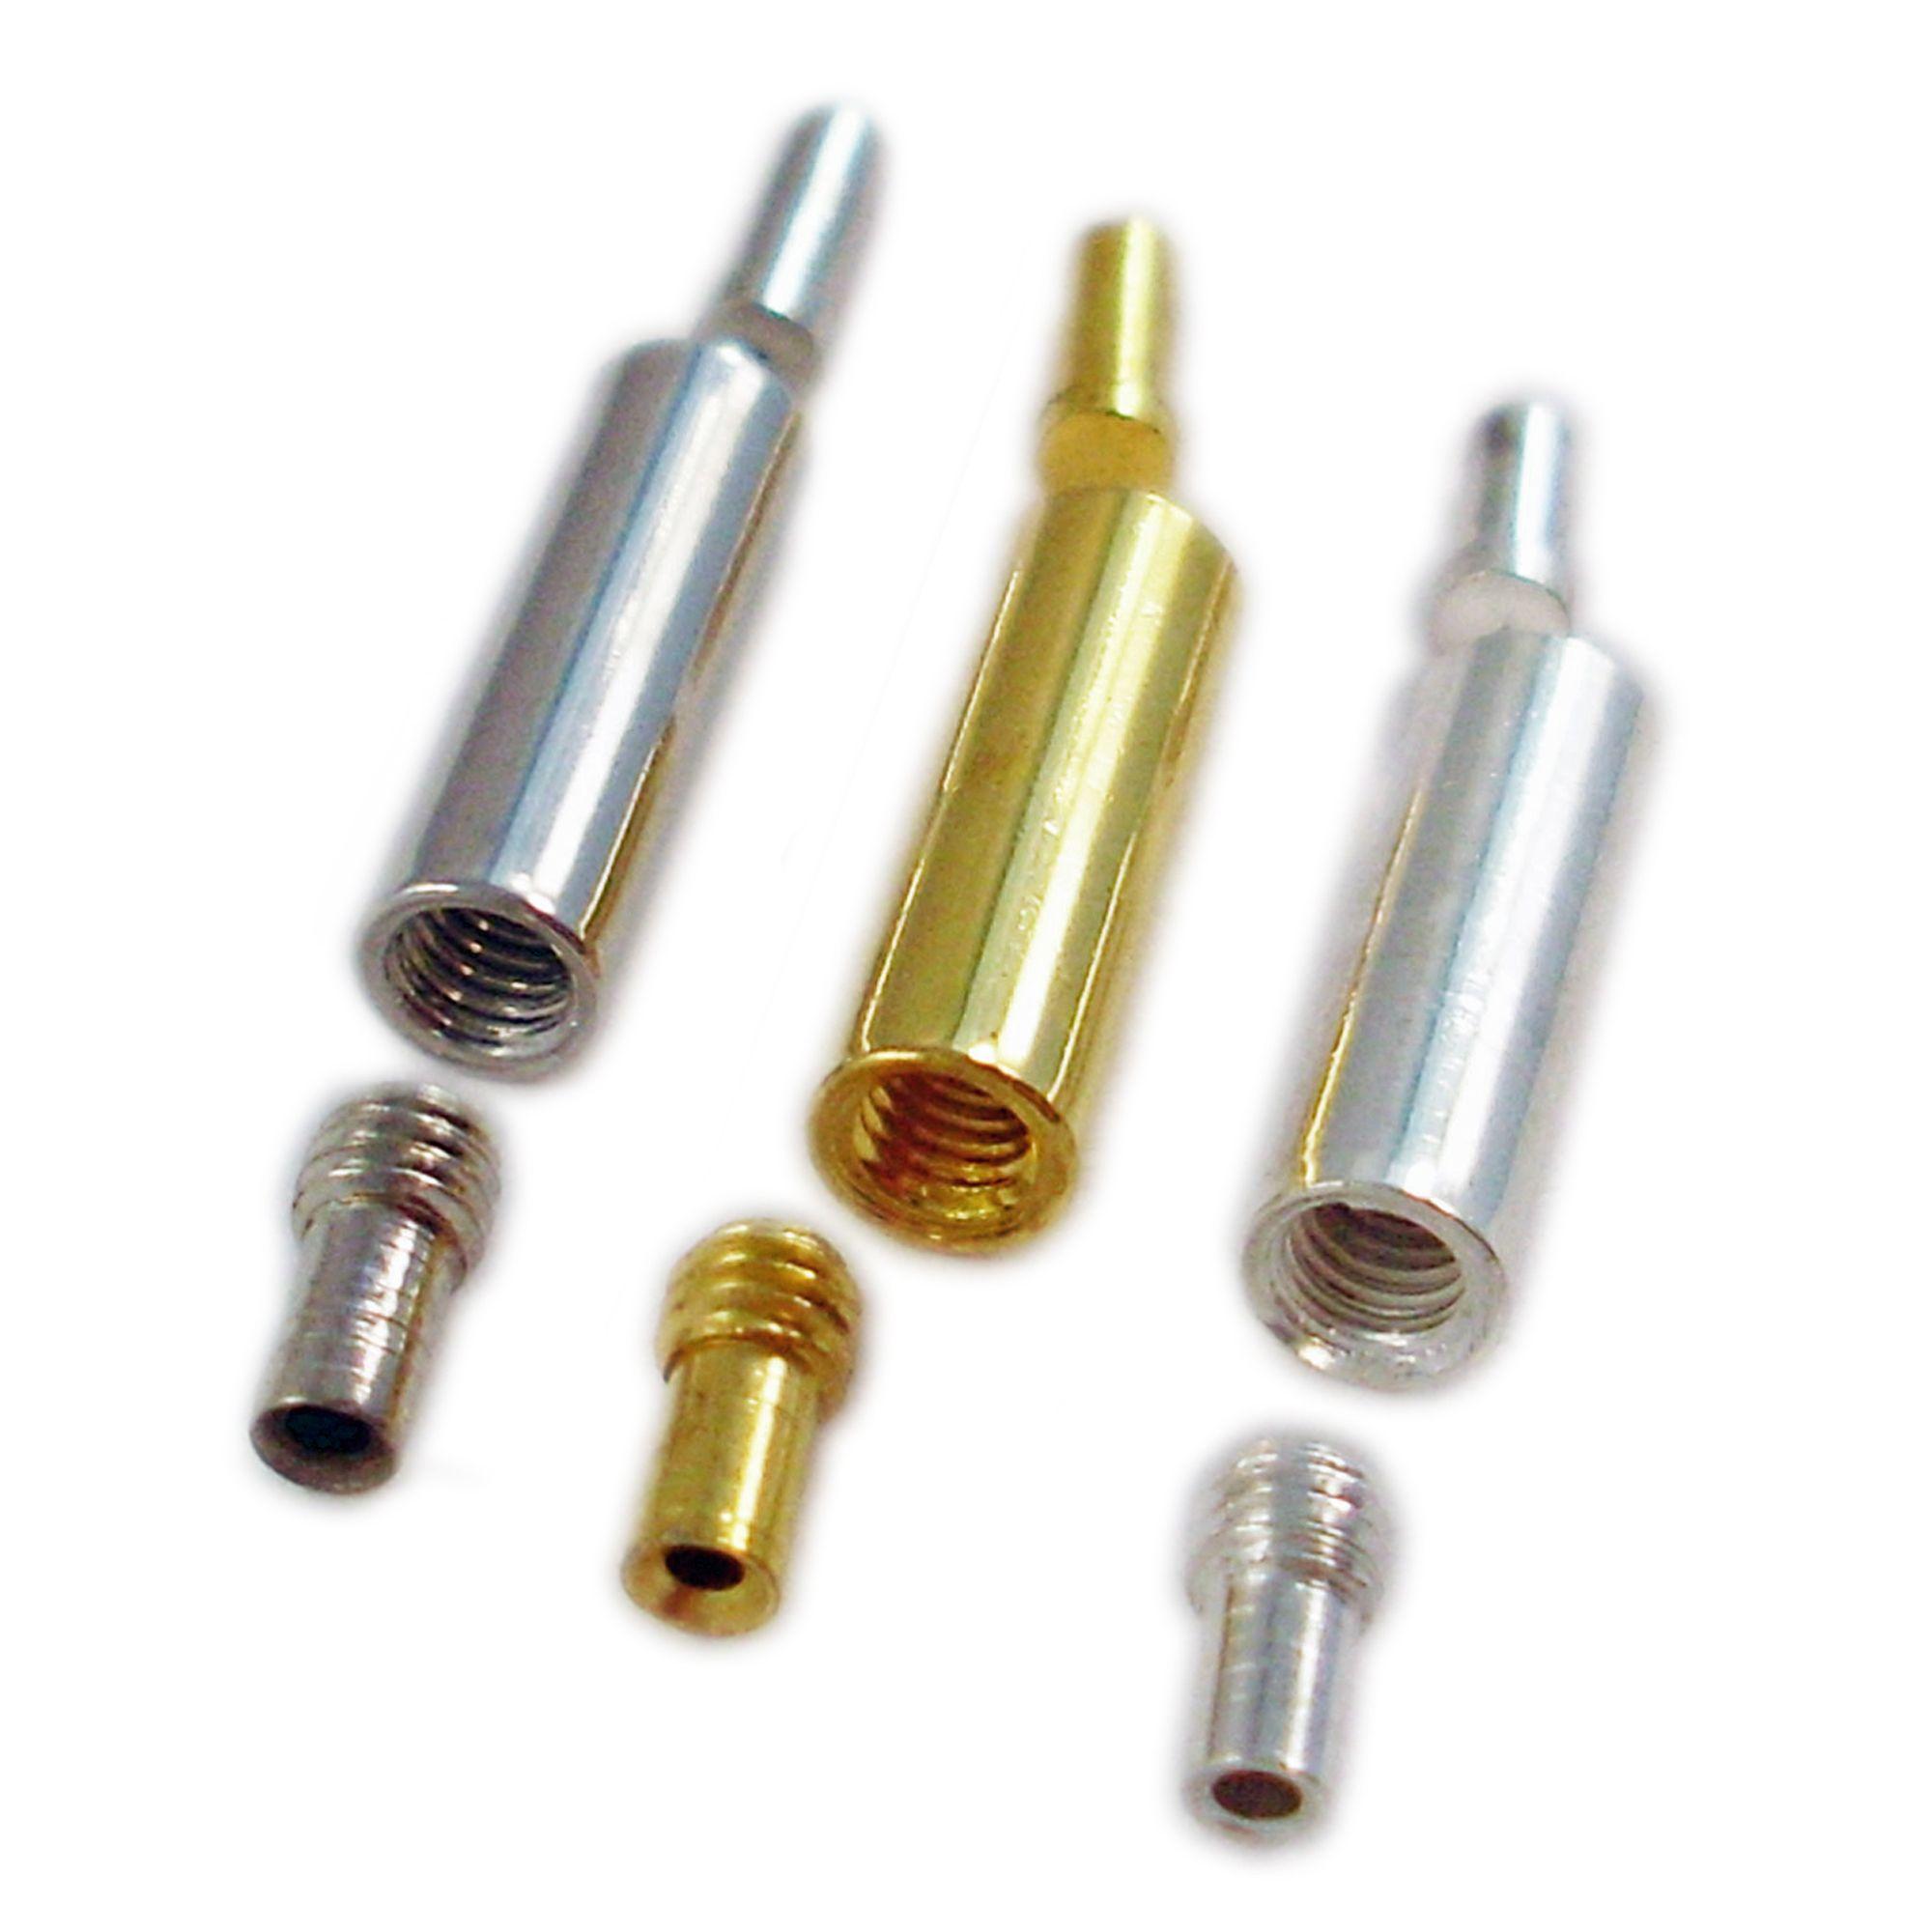 10 Dreh Verschlüsse für 1mm Draht 4x13mm silber gold Schmuck ...